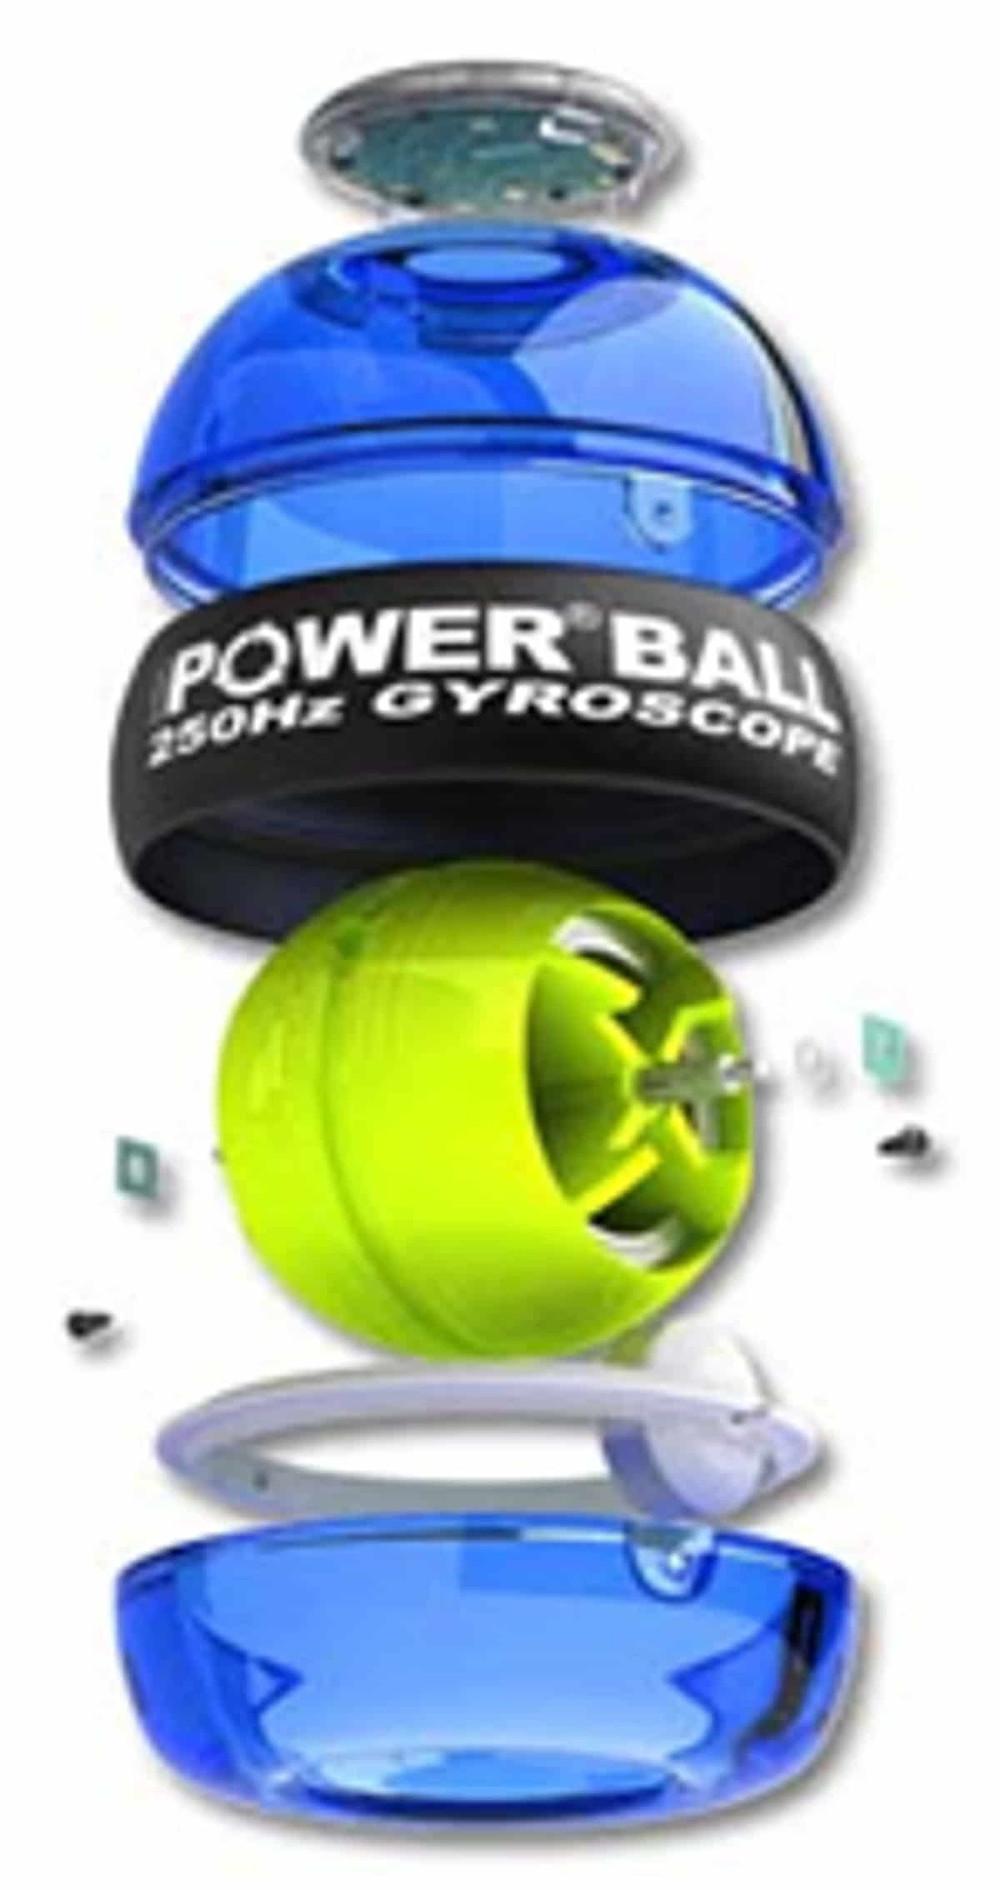 La powerball desde dentro